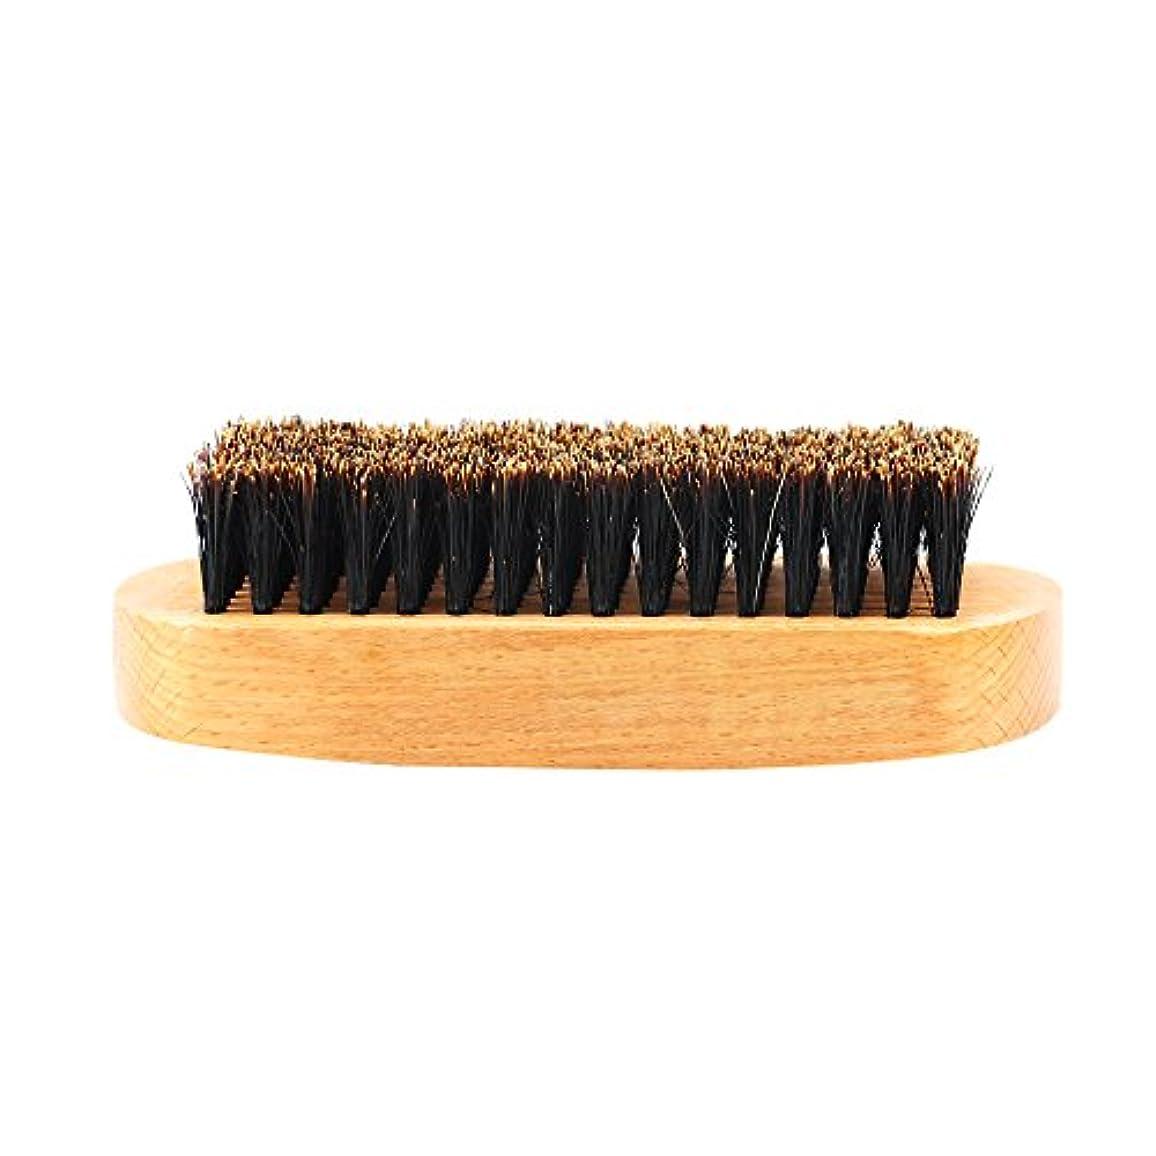 私達検索表向きPerfk ビュアブラシ 髭ブラシ 豚毛 ひげそりブラシ ひげ剃り ひげ髭  ひげ ヘアケア 櫛 2タイプ選べる - #1